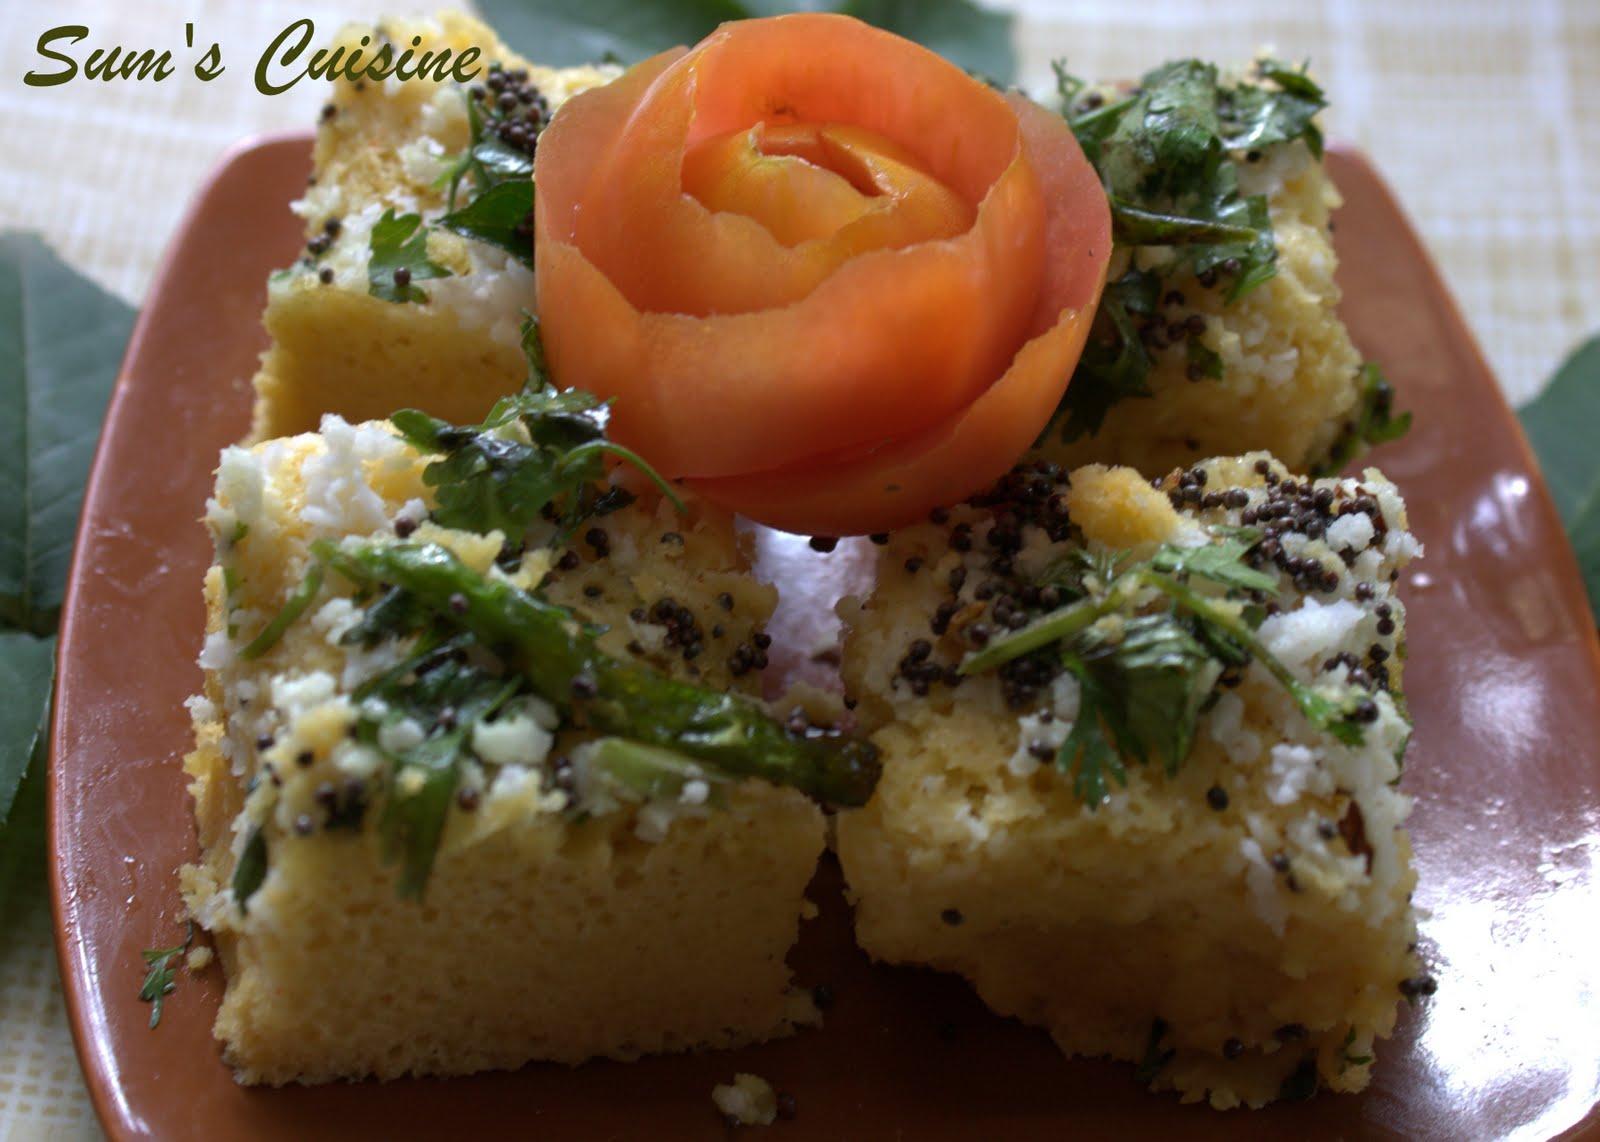 Sum's cuisine: dhokla